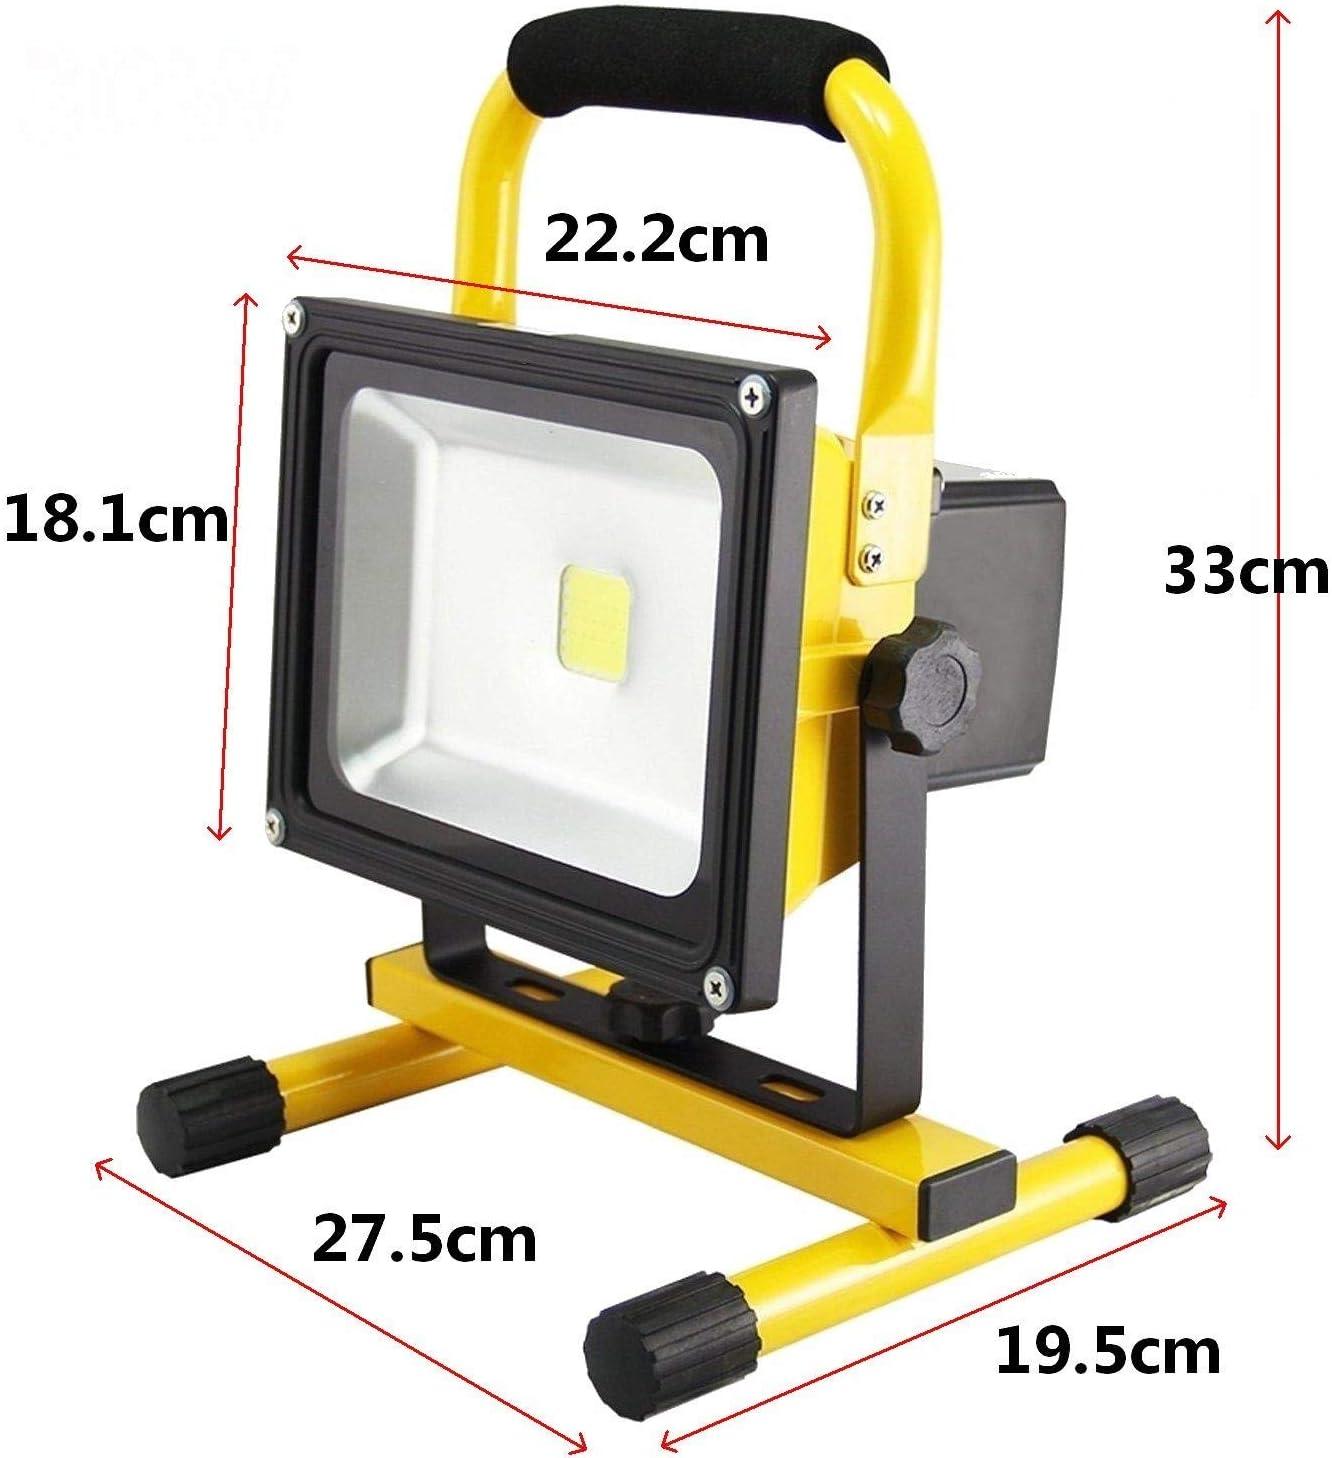 Froadp 10W Blanc Chaud Portable Rechargeable Projecteur LED Construction Spotlight Lampe de Travail Lumi/ère descalade /Éclairage de p/êche Jaune /Étanche IP65 pour Camping P/êche Patio Jardin